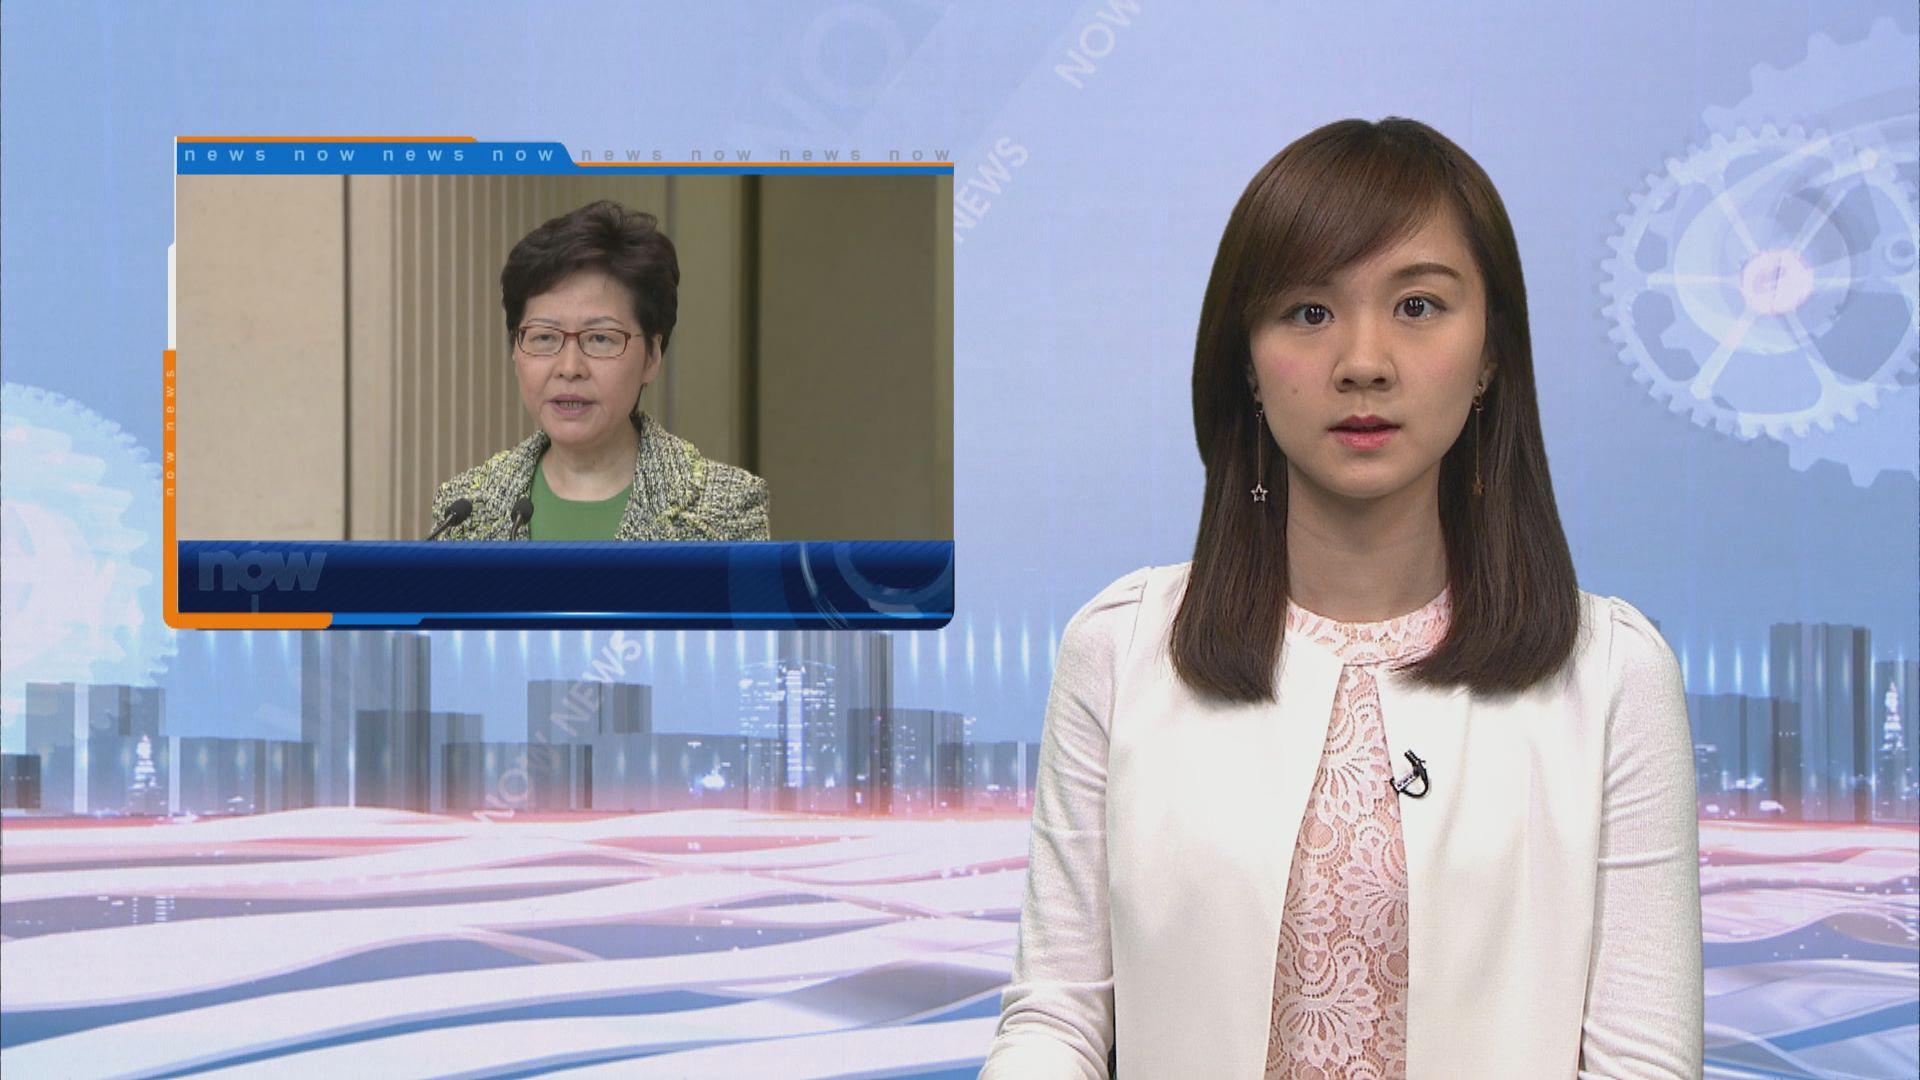 林鄭 : 支持警察不代表會縱容不當行為